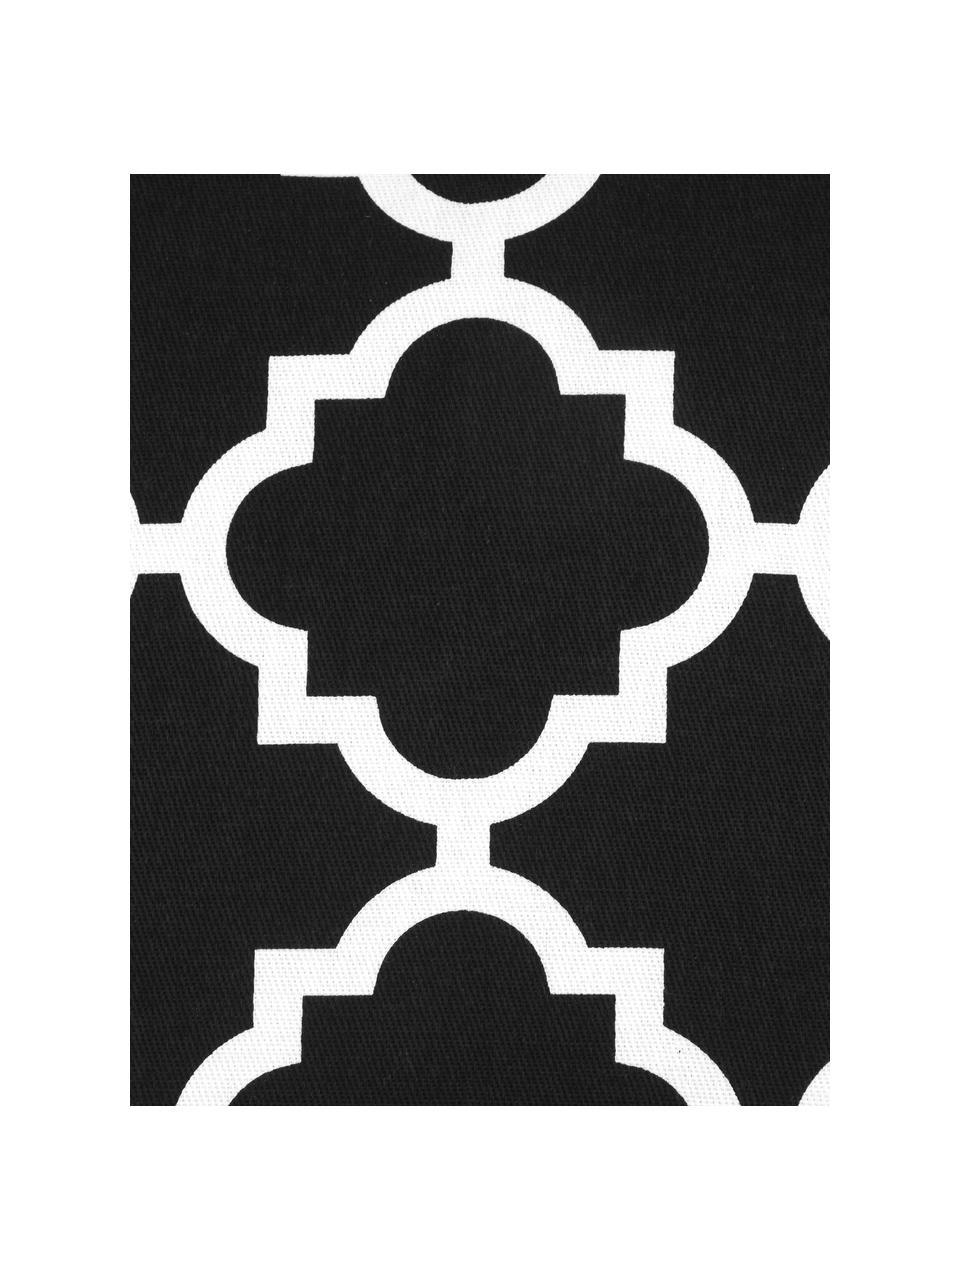 Kissenhülle Lana in Schwarz mit grafischem Muster, 100% Baumwolle, Schwarz, Weiß, 45 x 45 cm